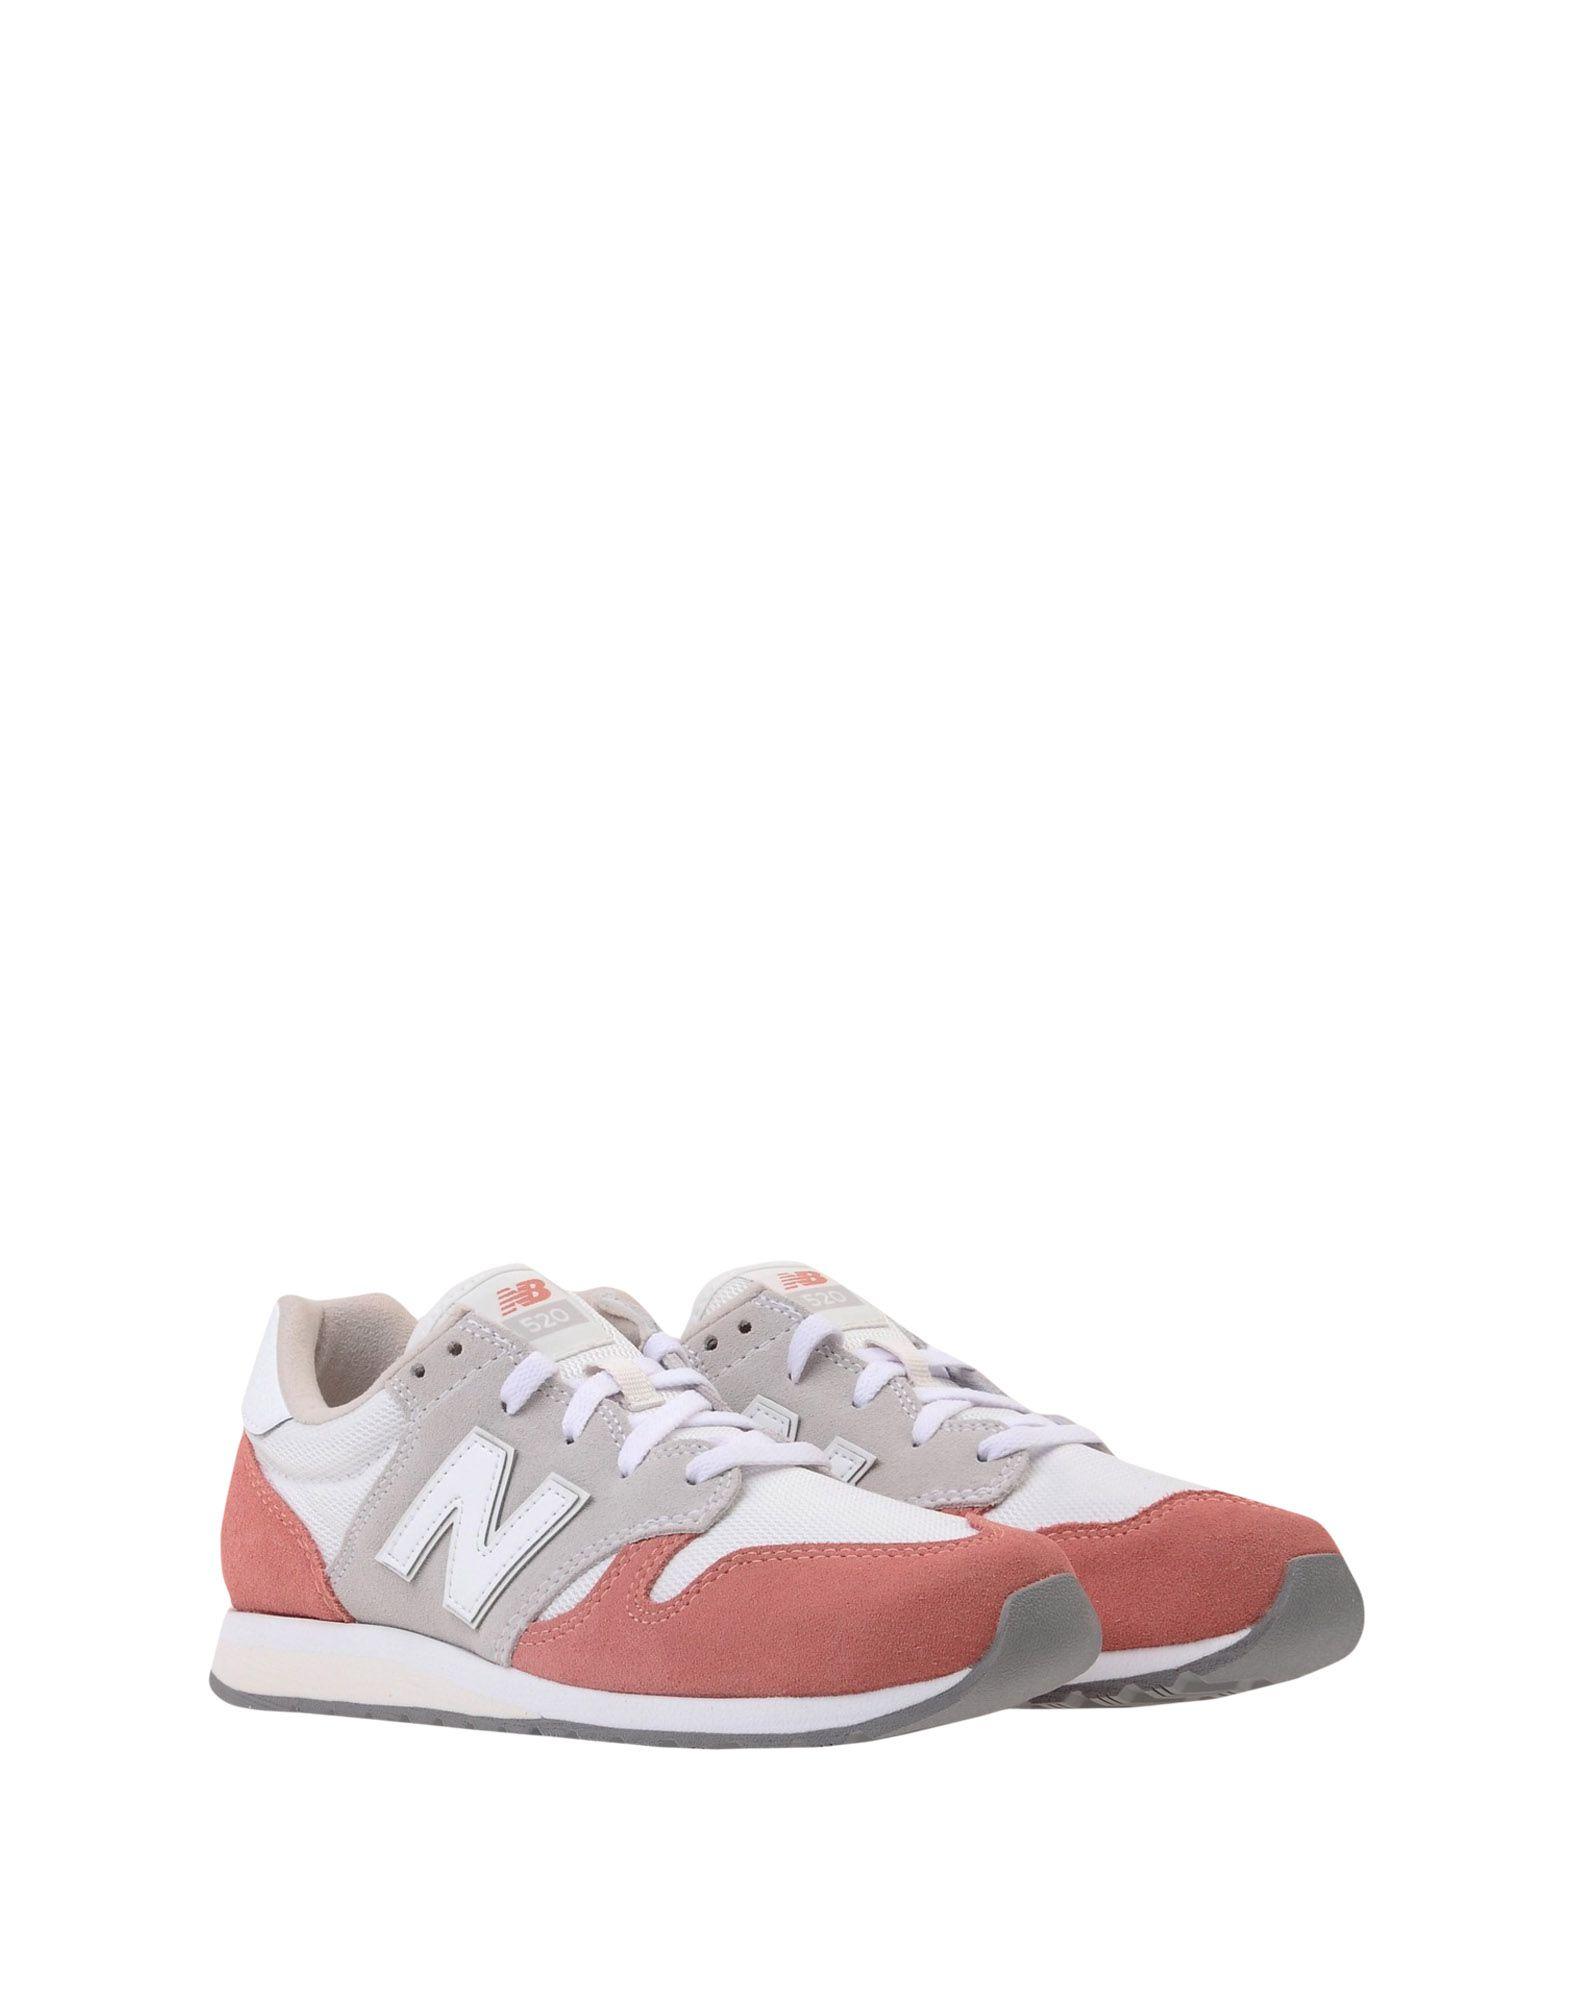 New Balance 520 Tier 2 - Sneakers - Women Women Women New Balance Sneakers online on  United Kingdom - 11467249BE 703cee